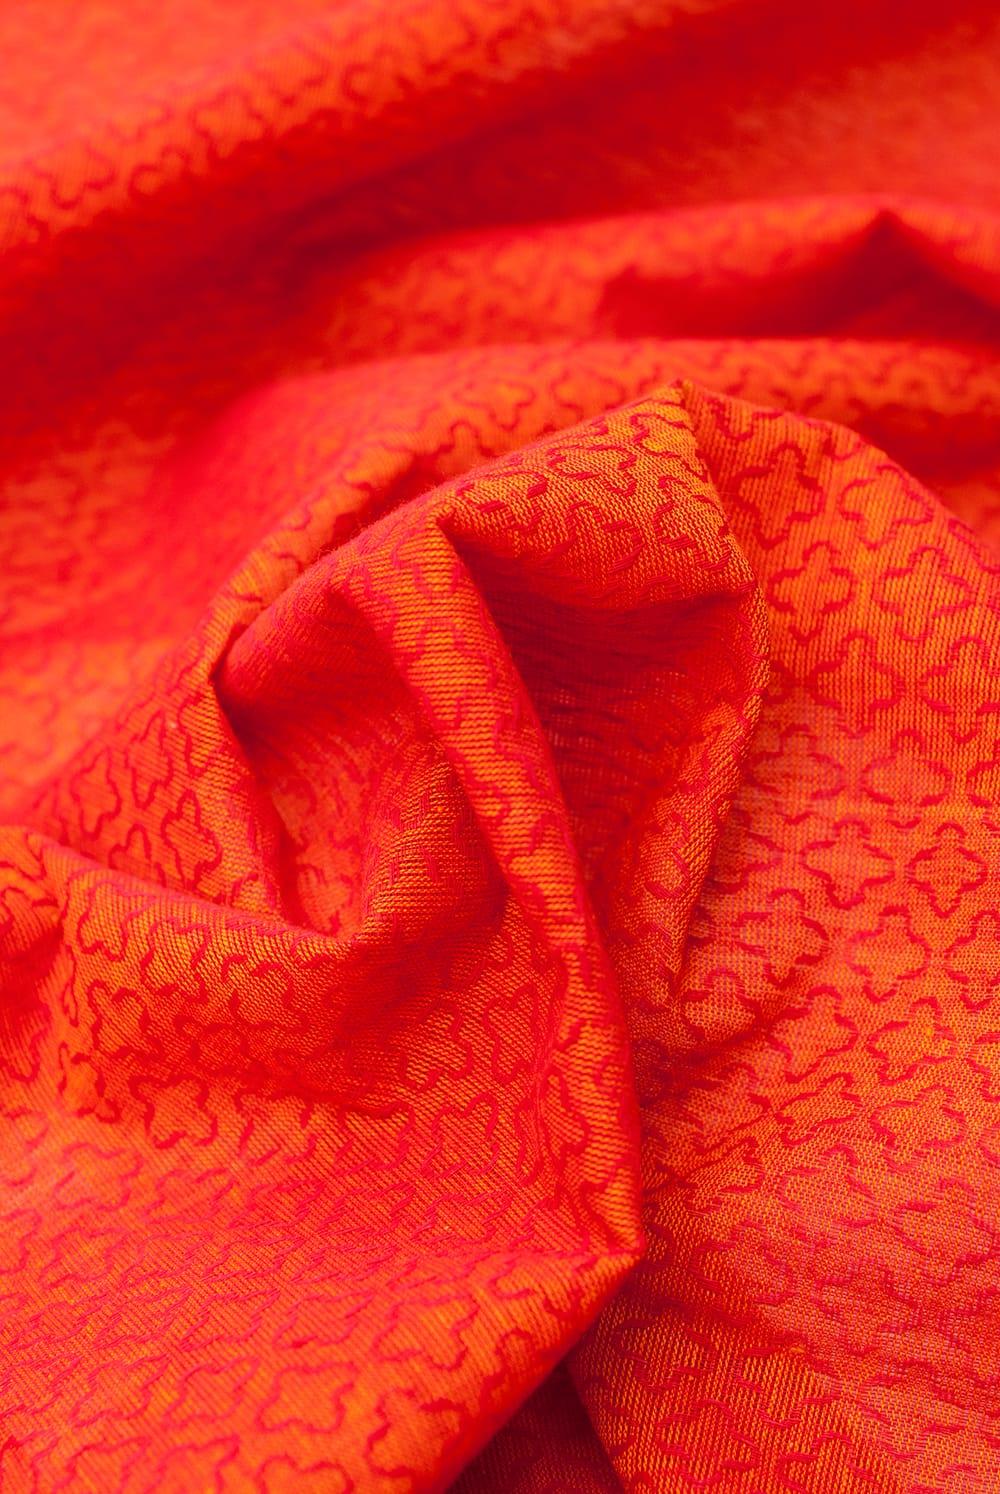 〔1m切り売り〕インドのシンプルコットン布 - 小花オレンジレッド 〔幅約110cm〕 5 - ドレープを作ってみました。いろいろな手芸に使えそうですね。